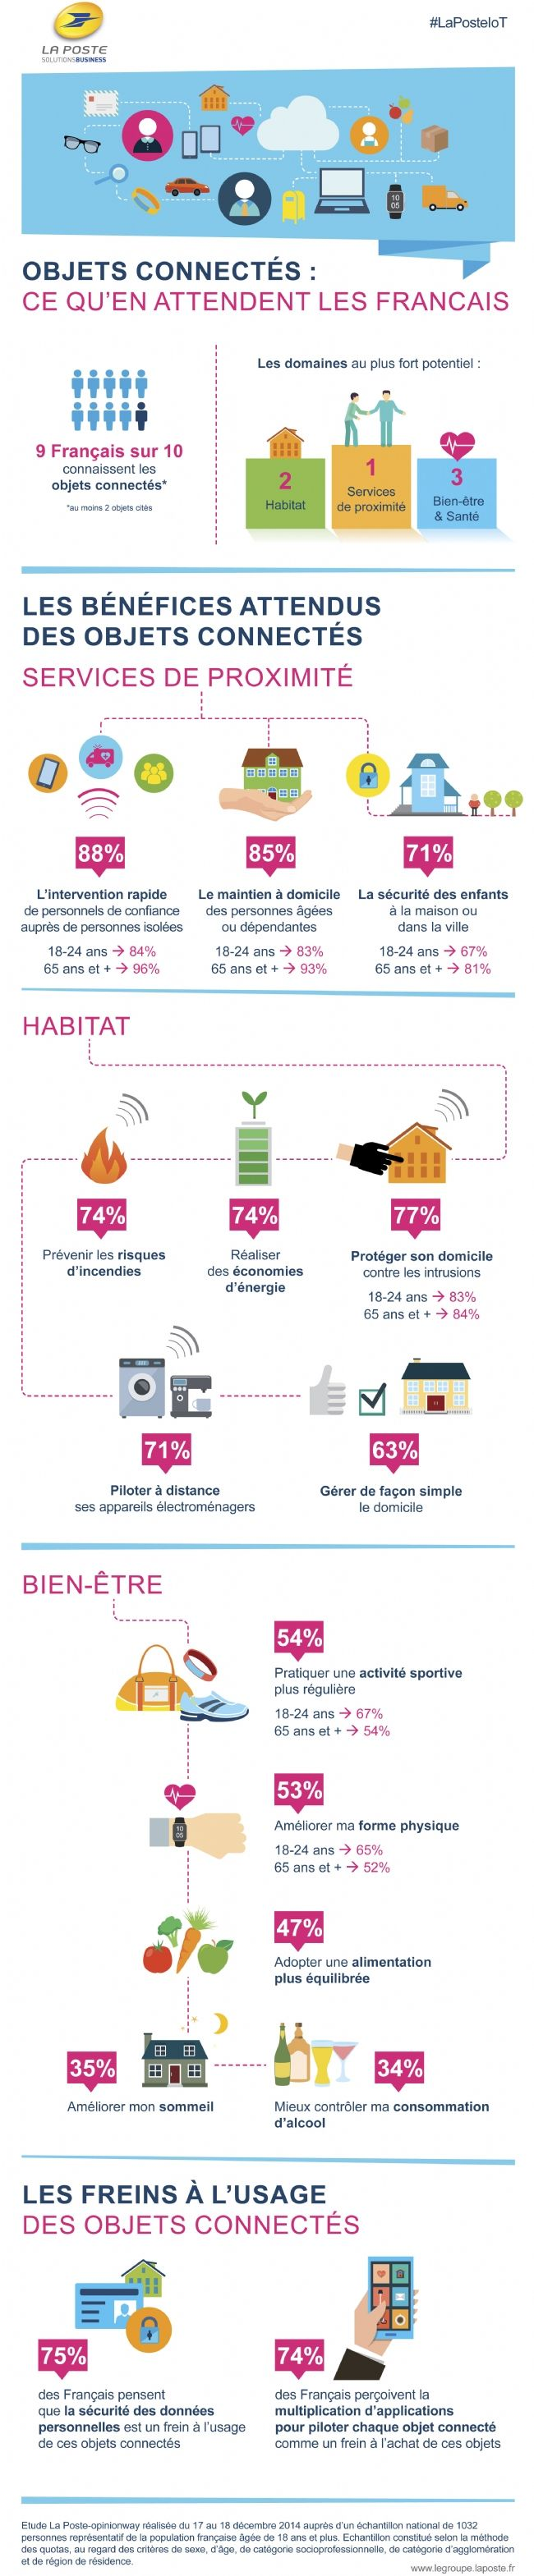 9 Français sur 10 connaissent les objets connectés et peuvent en citer au moins 2, selon l'infographie proposée par La Poste et OpinionWay. Ils sont convaincus des opportunités qu'offrent ces équipements tant pour leur bien-être, la gestion de leur habitat que pour l'amélioration de leur quotidien.